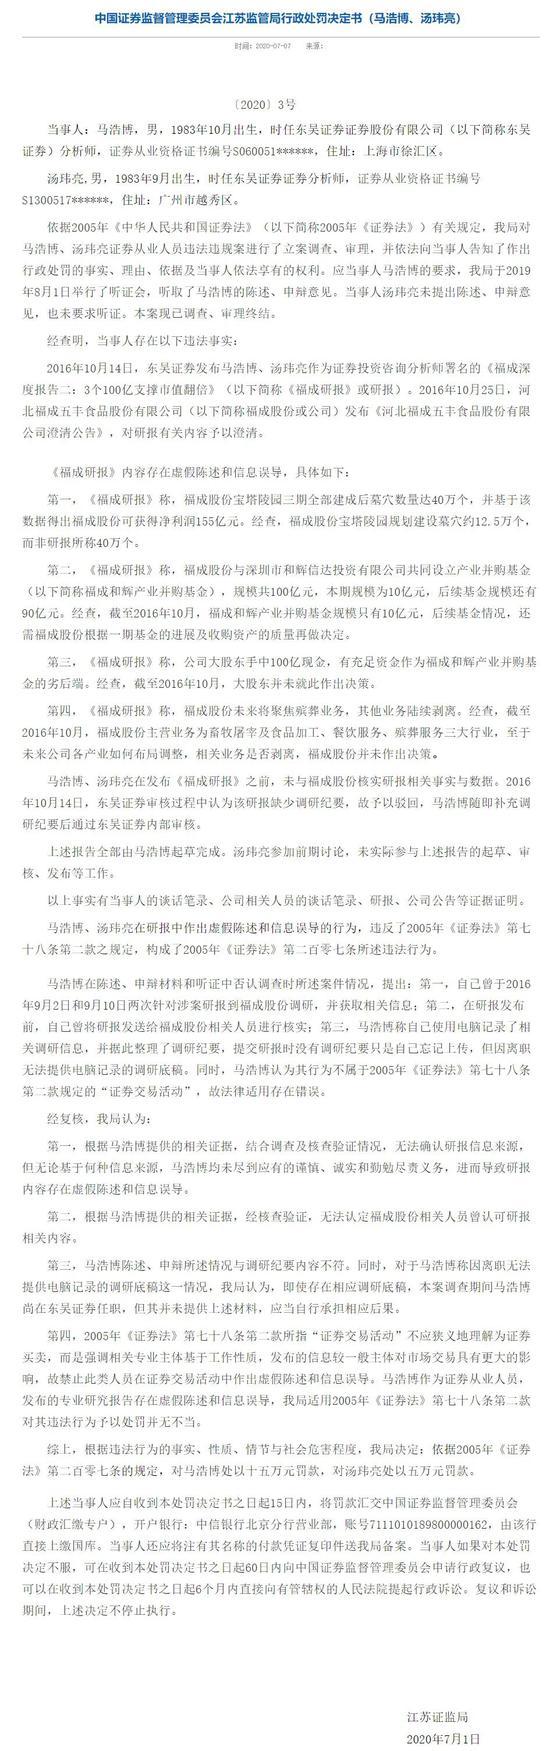 """奇葩研报遭""""打脸"""":监管出手 东吴证券分析师被""""严惩"""""""